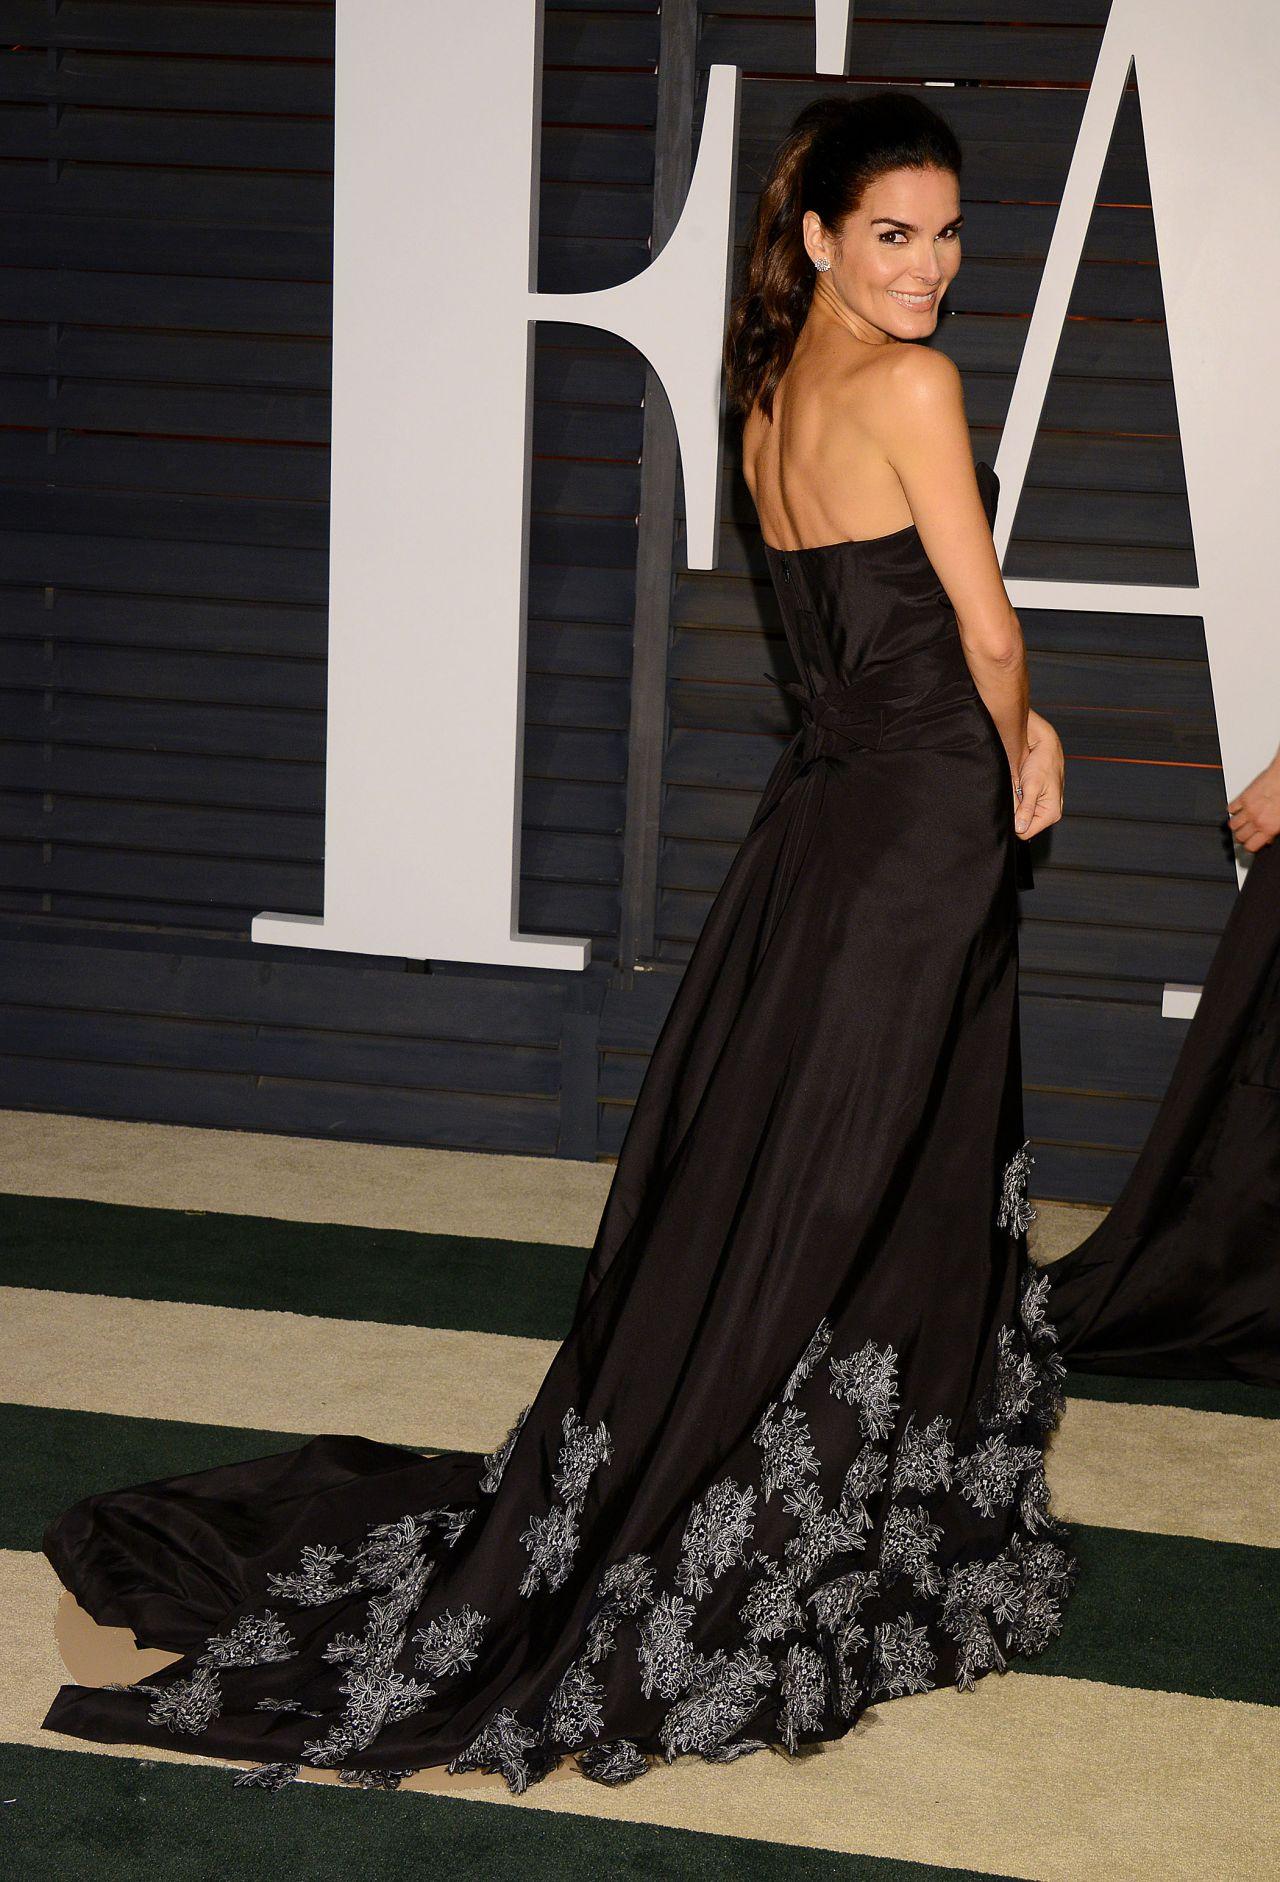 Angie Harmon 2015 Lingerie Vanity Fair Oscar Party In